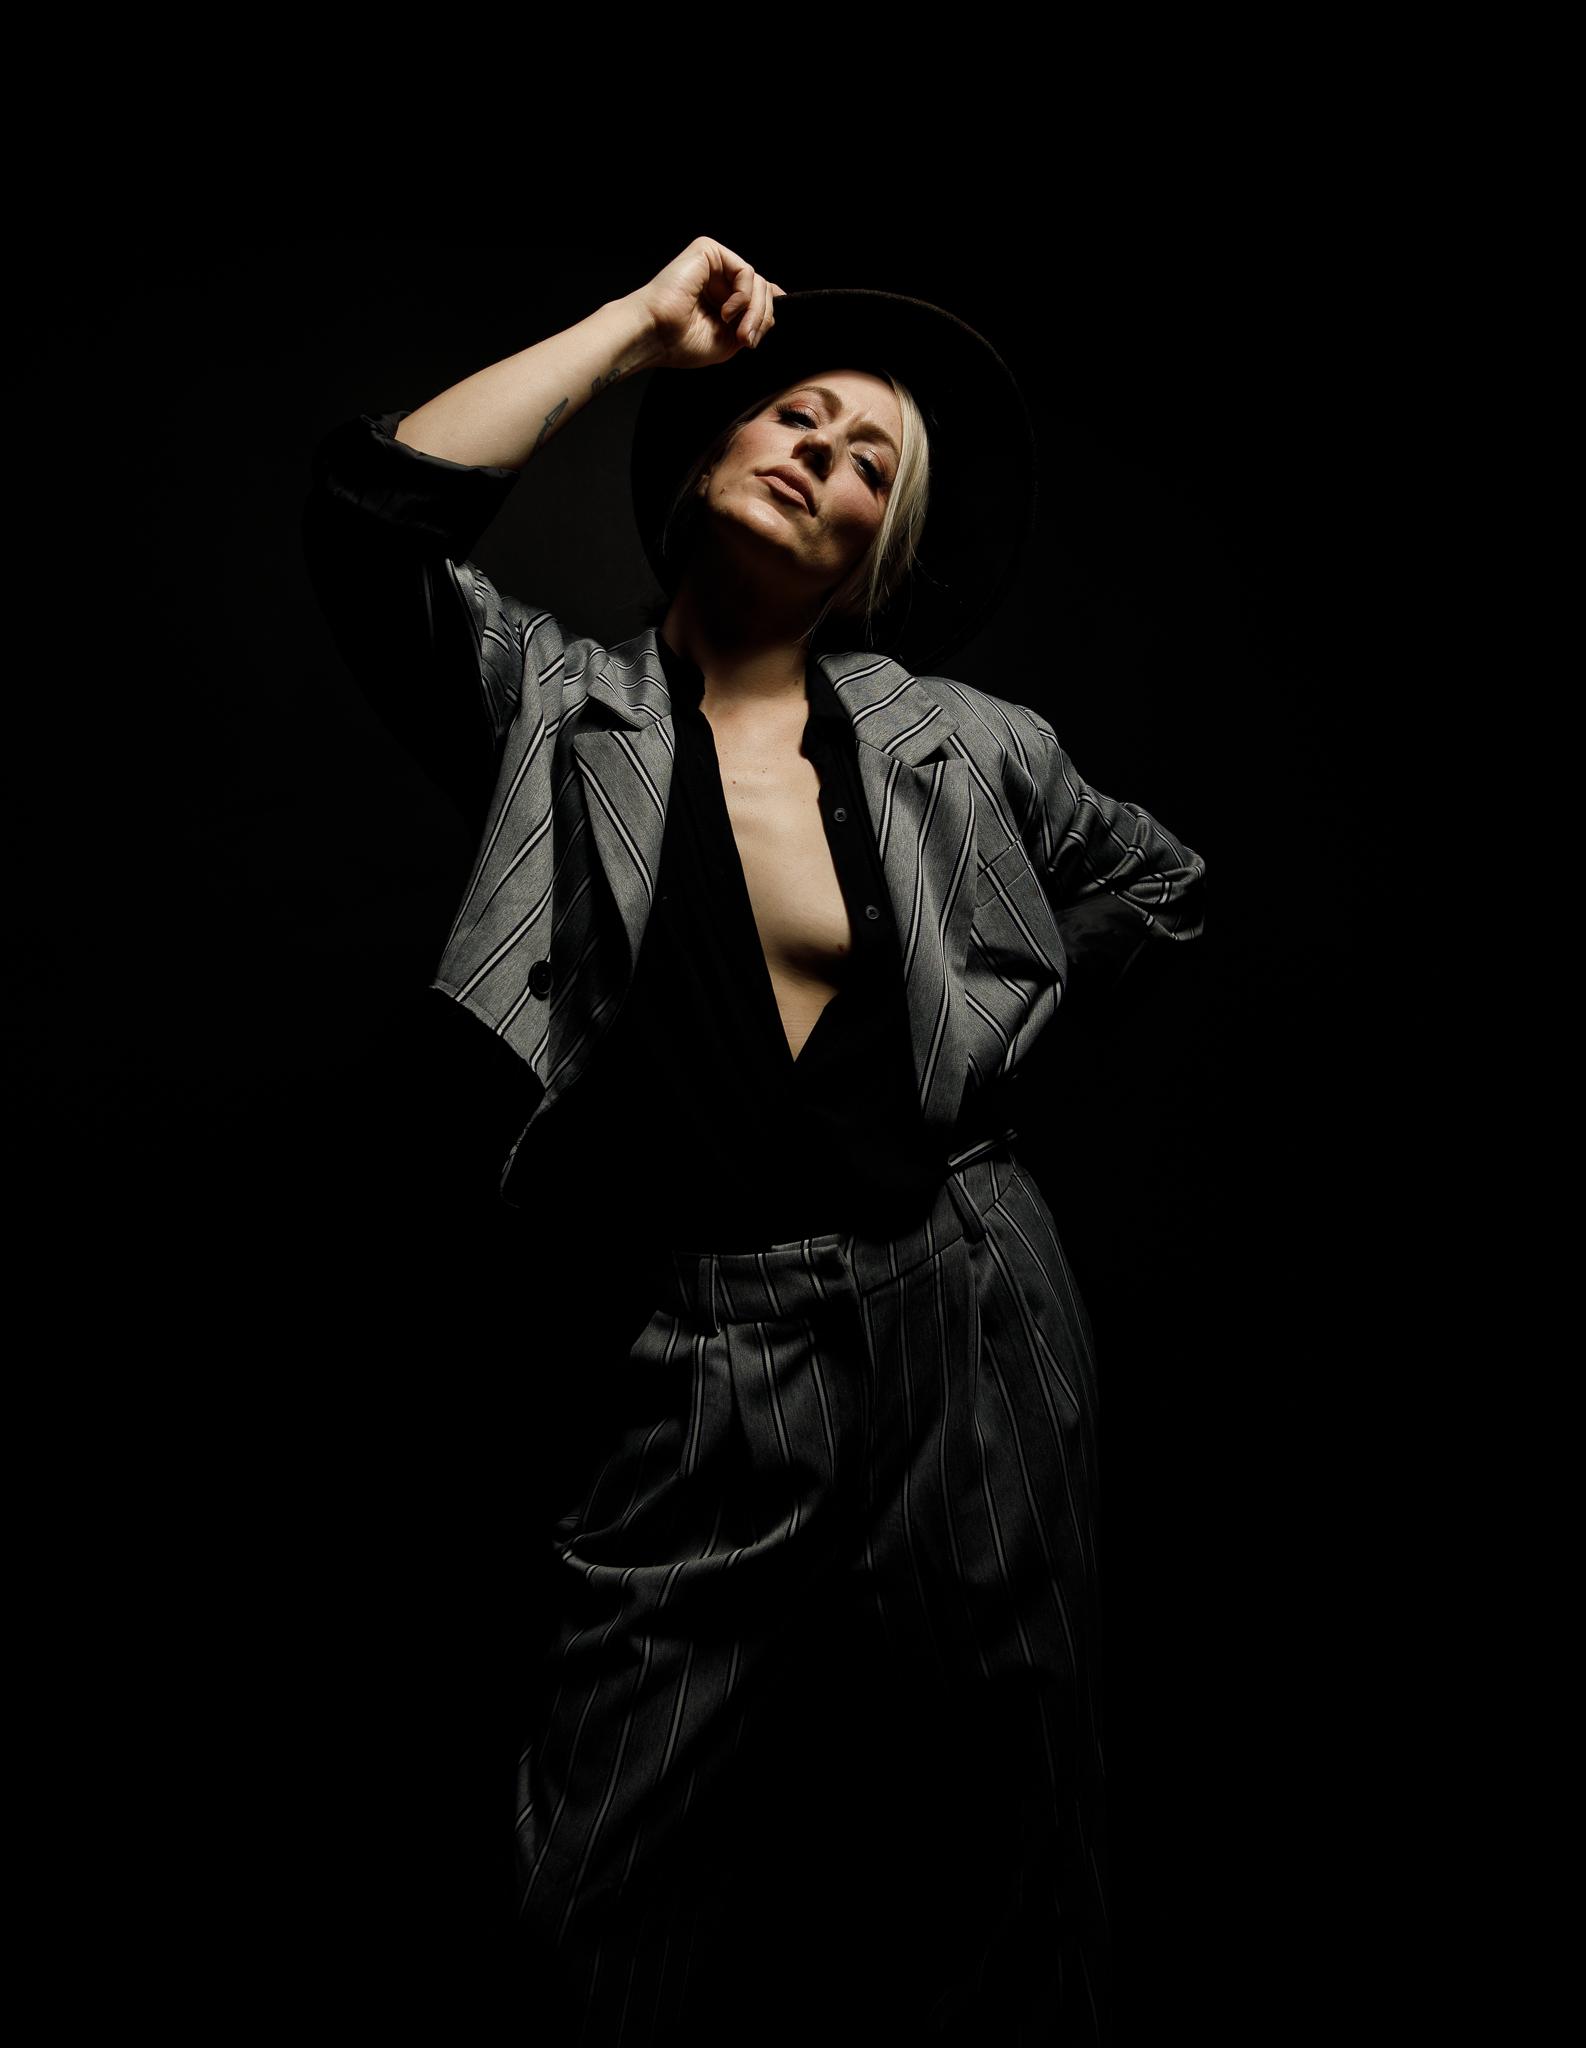 Lena Mae Lenman by Rob Jerrom